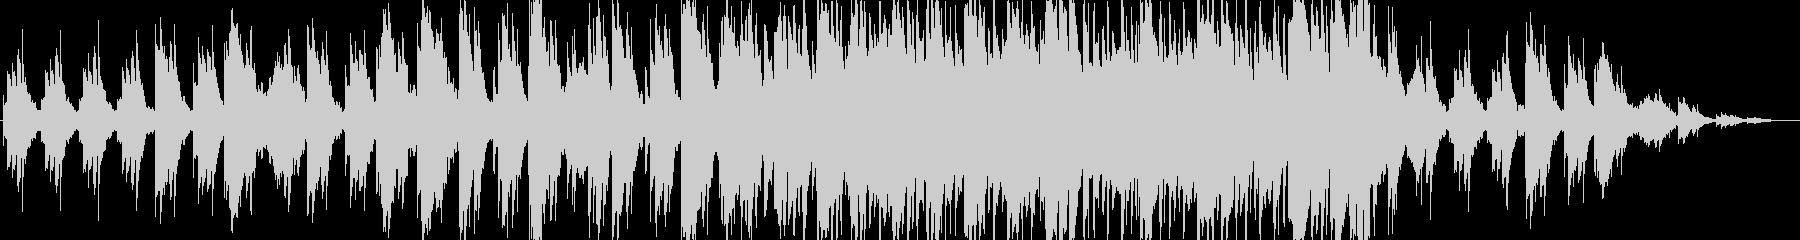 序盤の森のダンジョンBGM。ループ有の未再生の波形